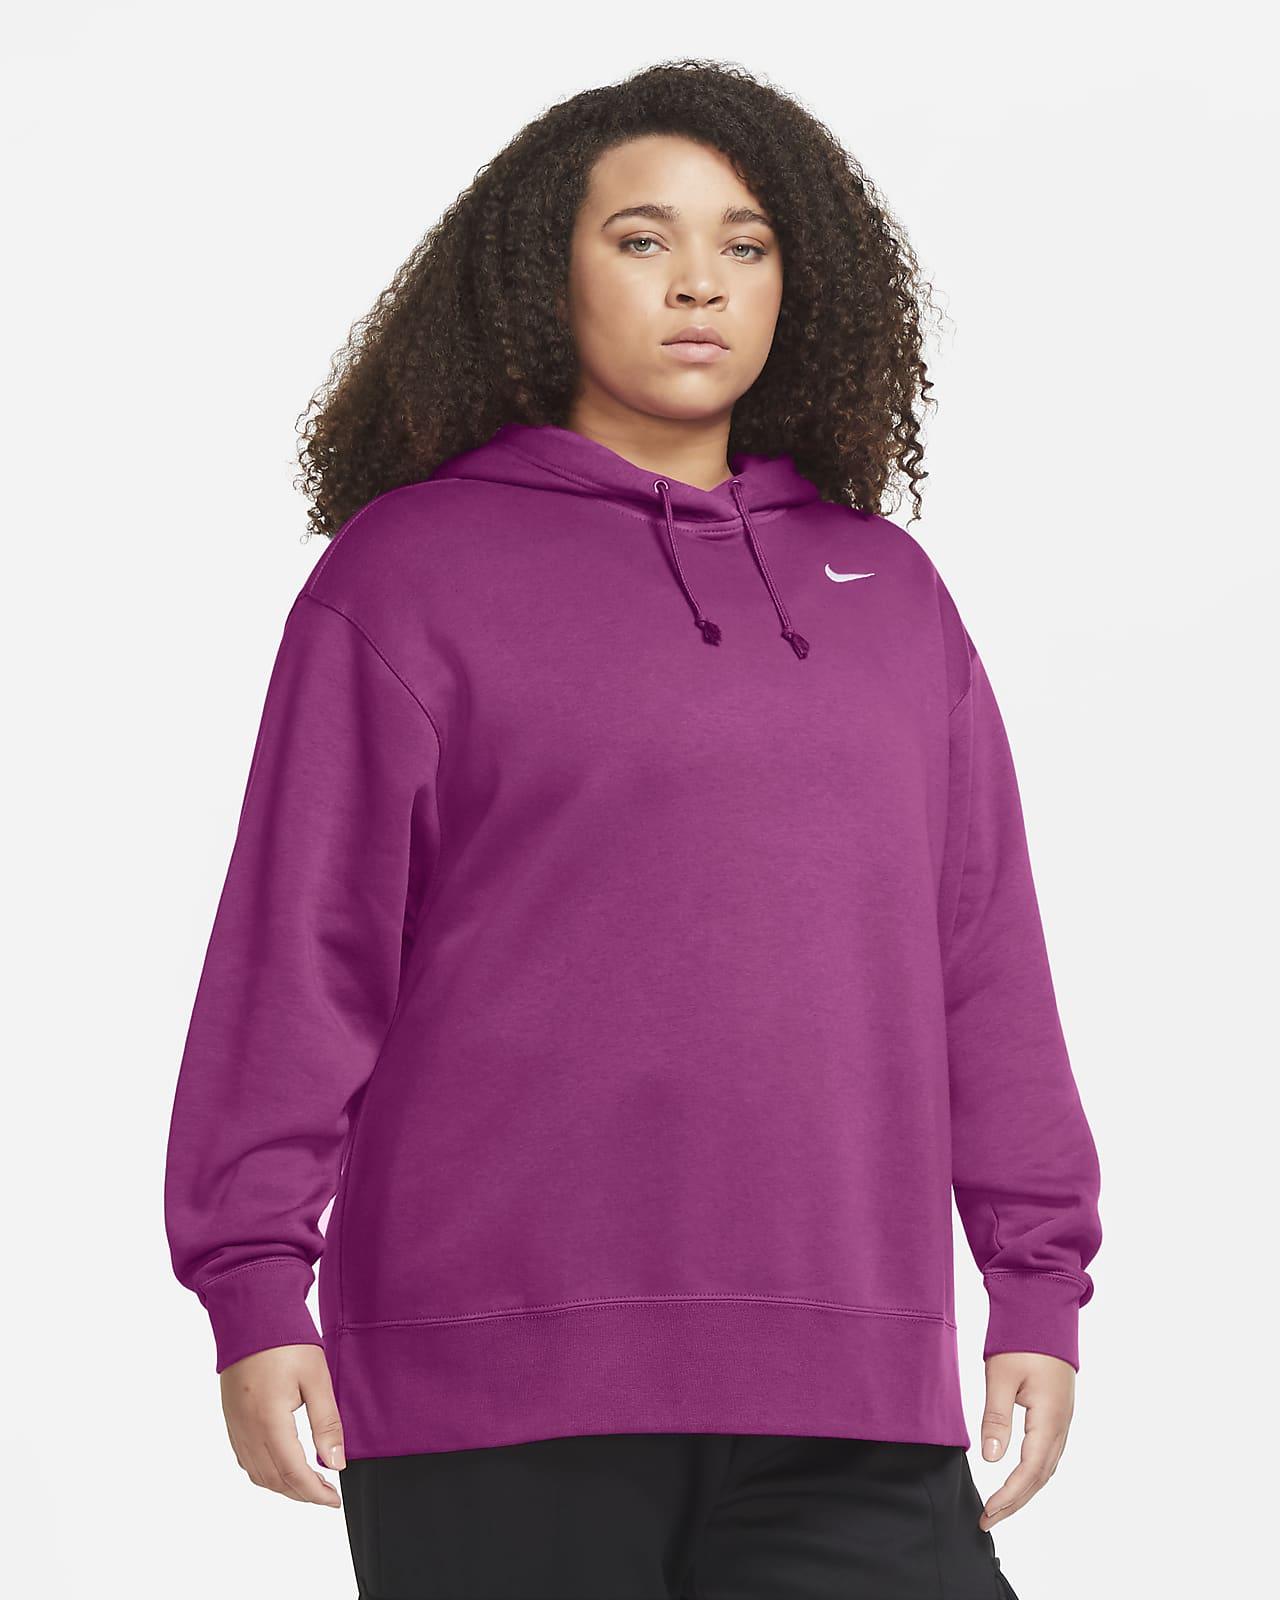 Женская флисовая худи Nike Sportswear (большие размеры)